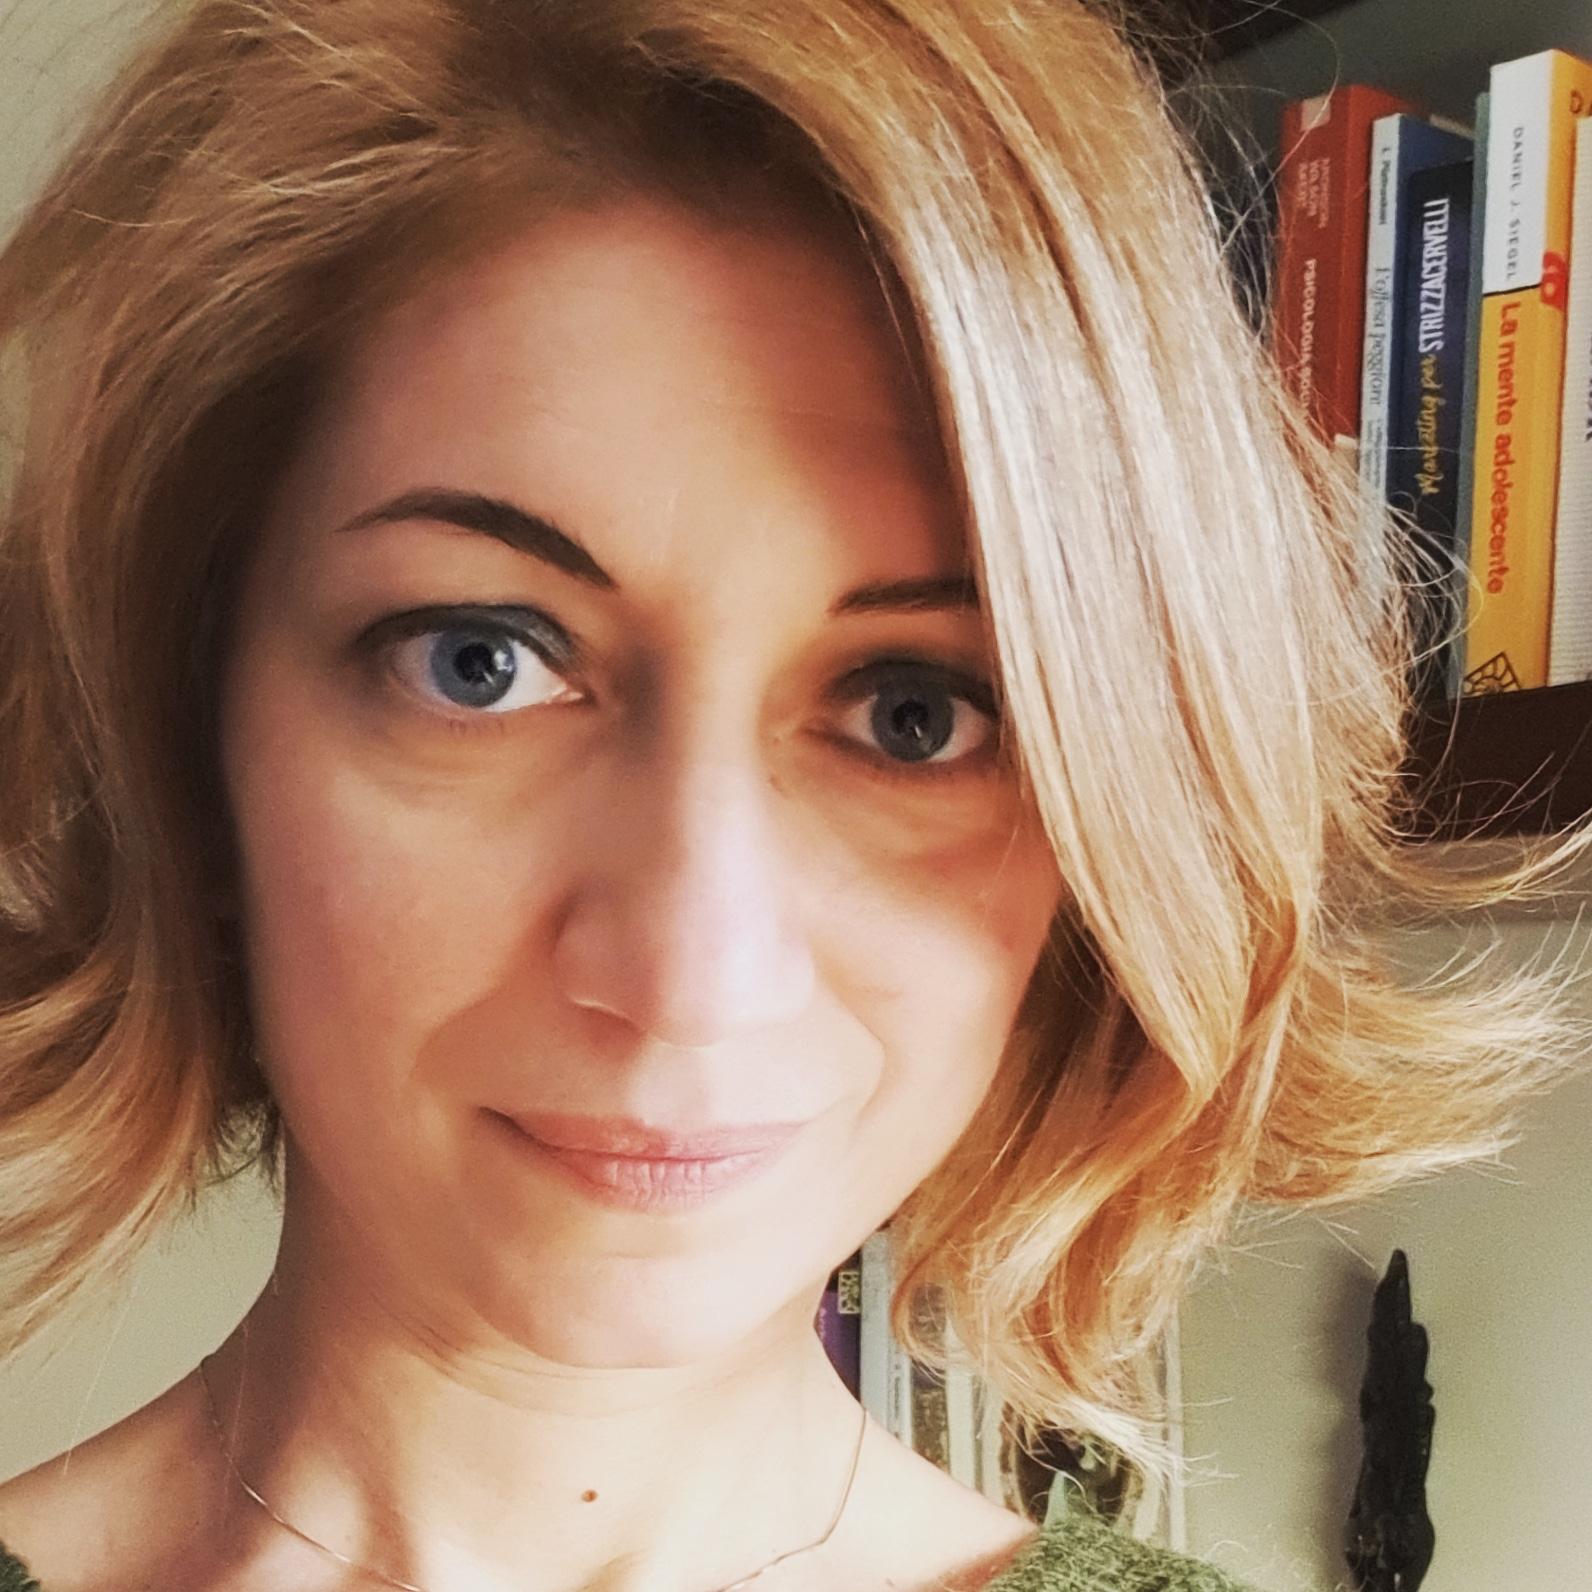 Dott.ssa Carla Miglietta - Psicologa a Roma - Psicoterapeuta EMDR - Roma Montesacro Talenti